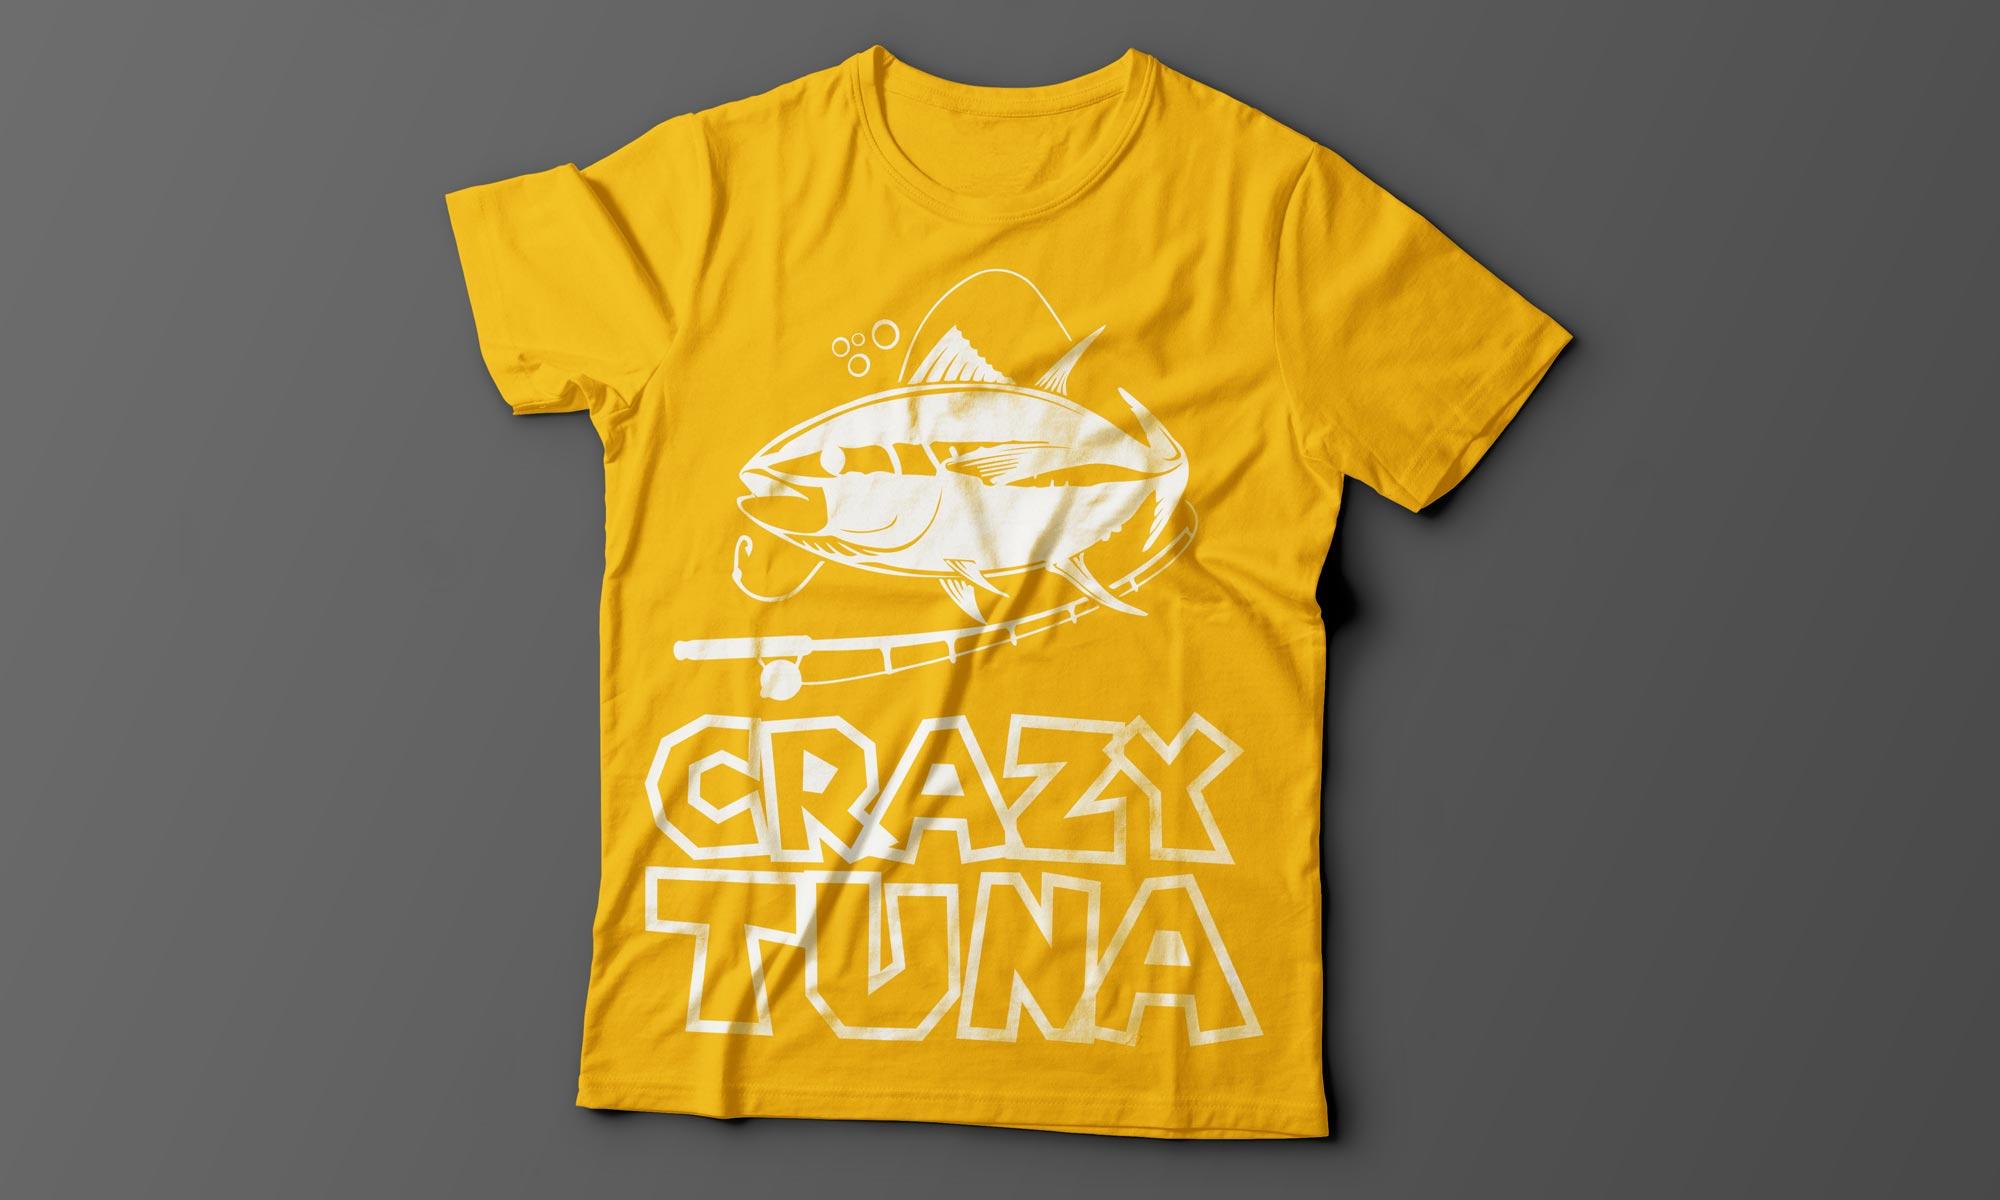 https://www.atelierzoz.com/wp-content/uploads/2020/03/works_crazy-tuna-3.jpg